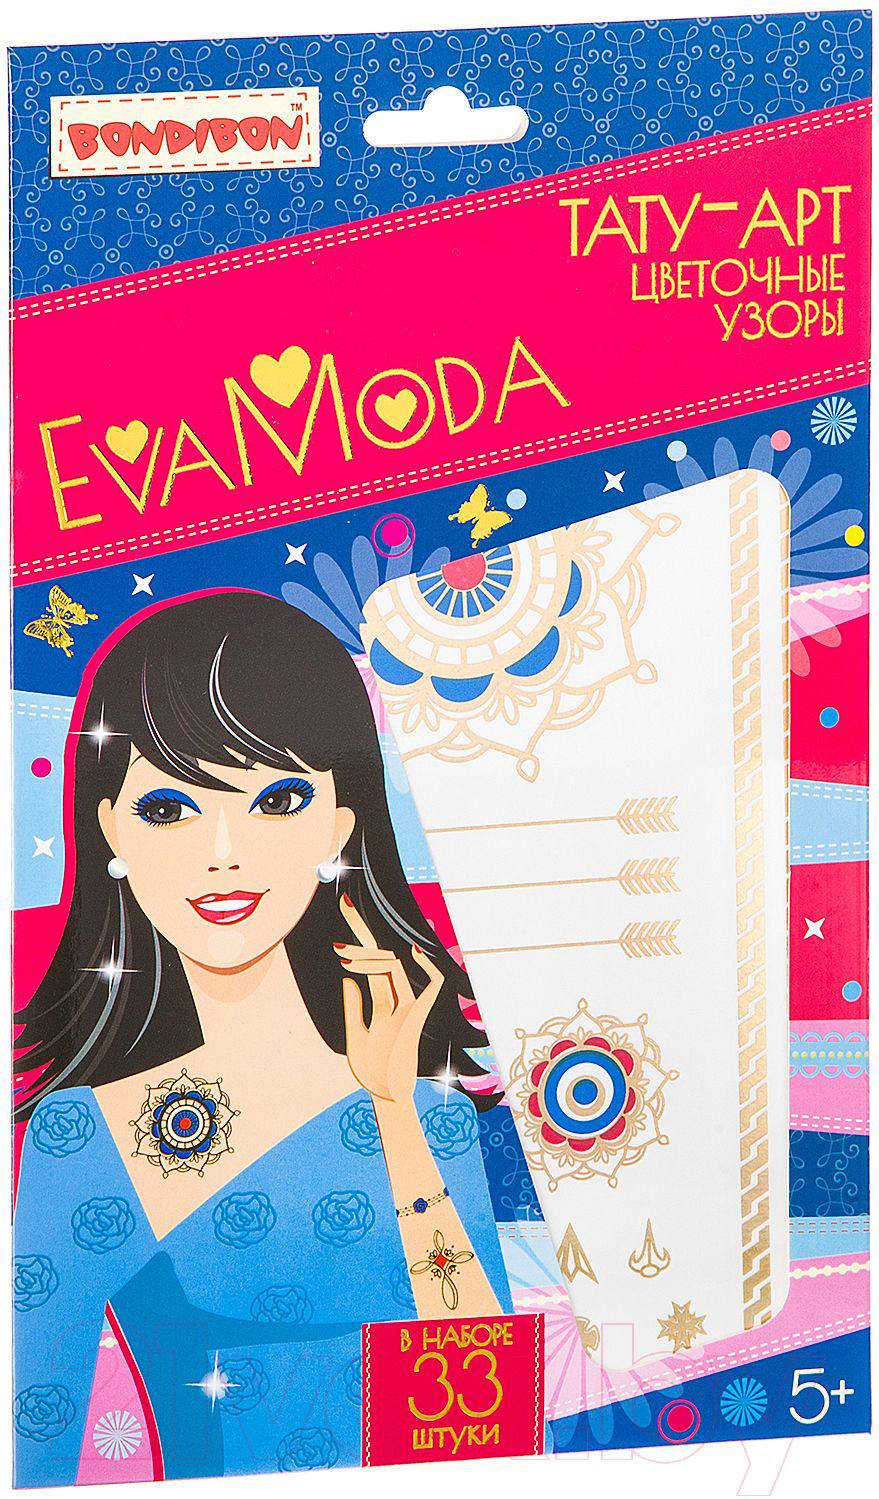 Купить Набор для творчества Bondibon, Eva Moda Цветочные узоры / BB2405, Россия, бумага